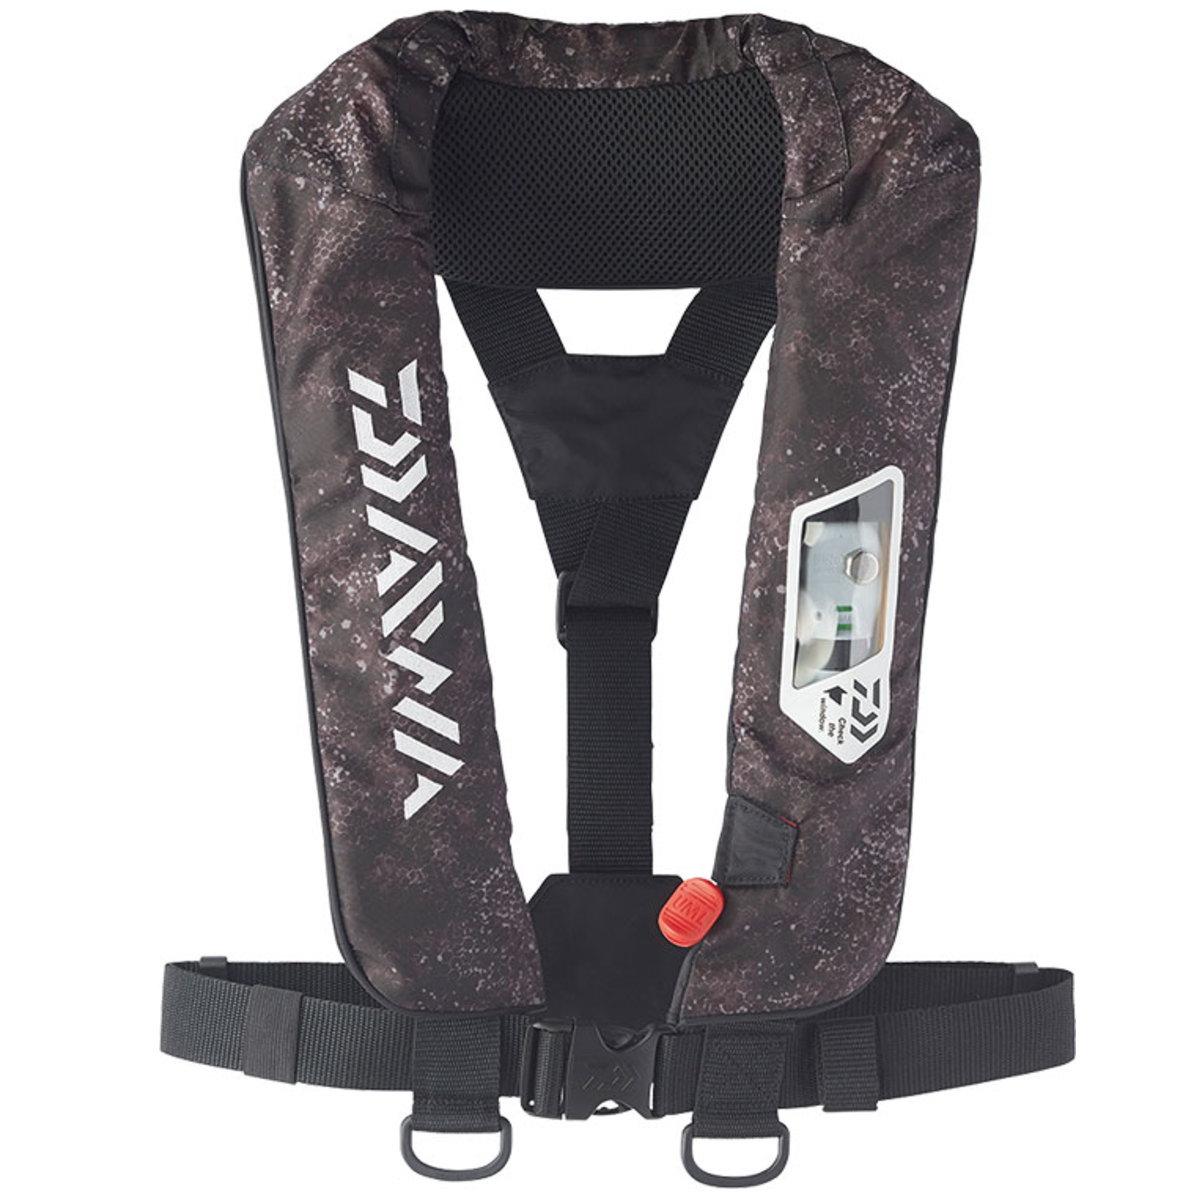 【送料無料5】ダイワ ウォッシャブルライフジャケット (肩掛けタイプ手動・自動膨脹式) DF-2007 ブラックへクス フリー